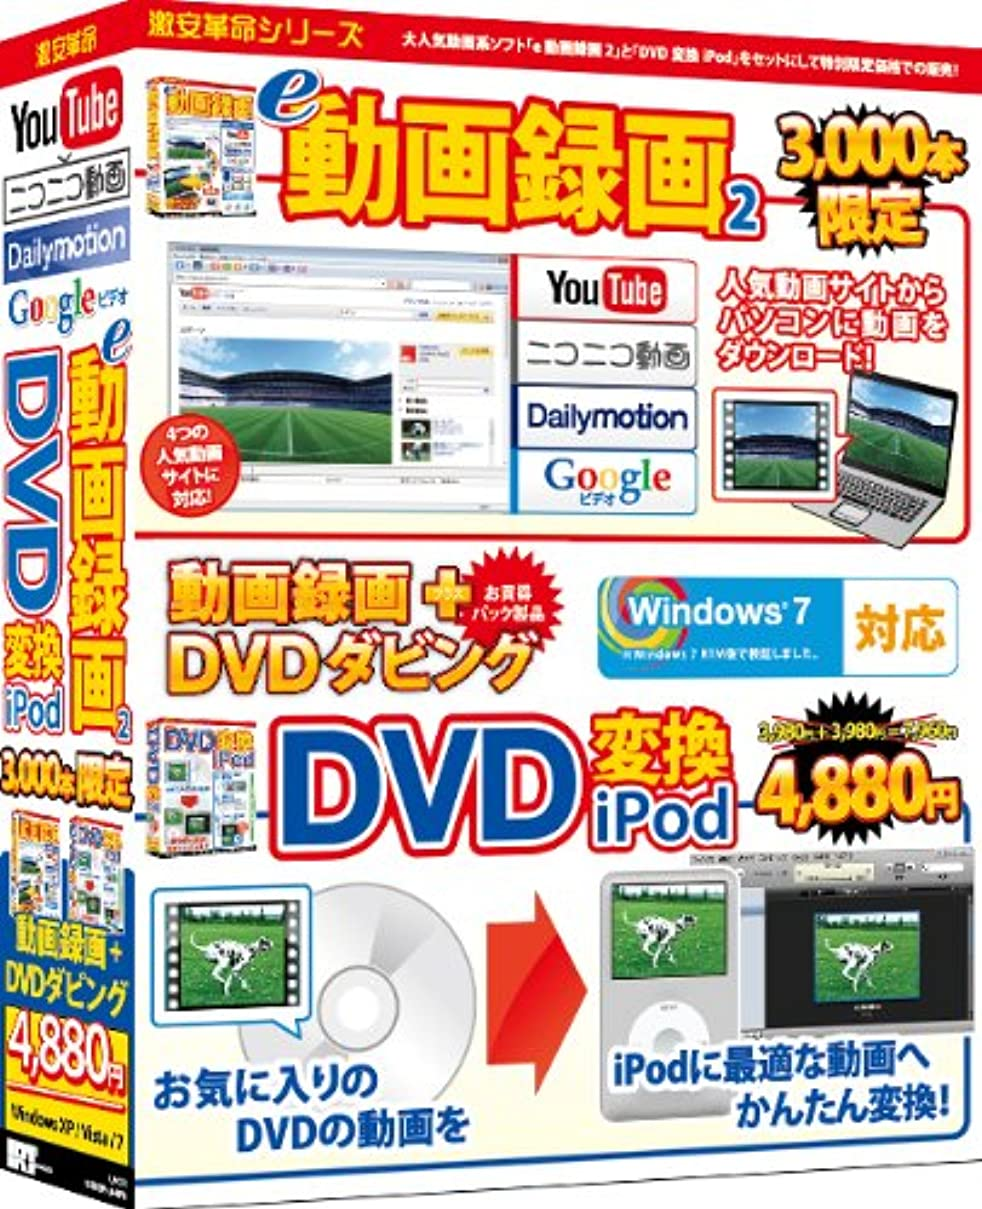 倒産ギャラリー代表する動画録画+DVDダビング